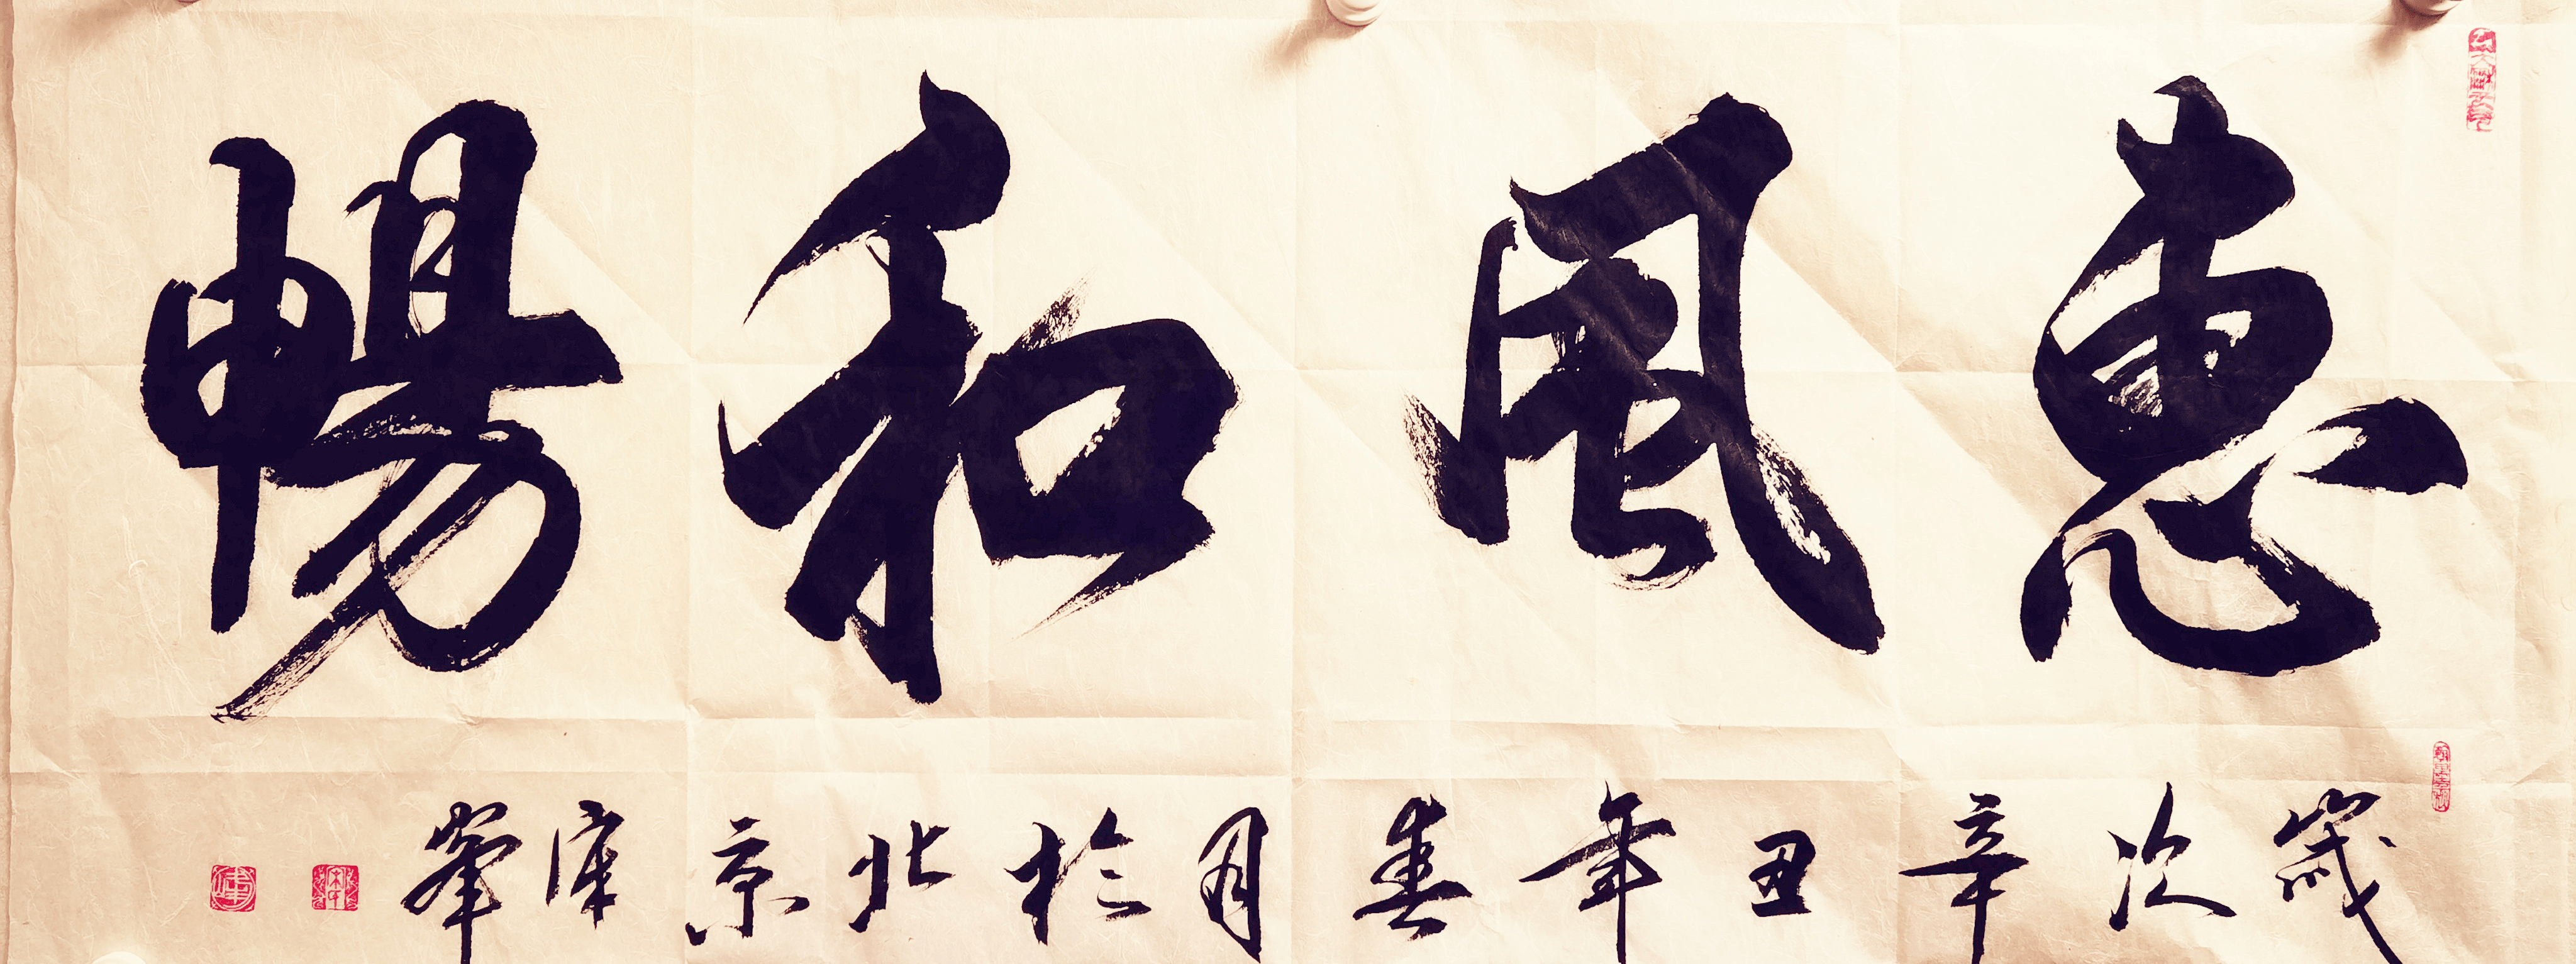 著名书画家、国家一级美术师宋峰长卷作品获拍182万插图(4)